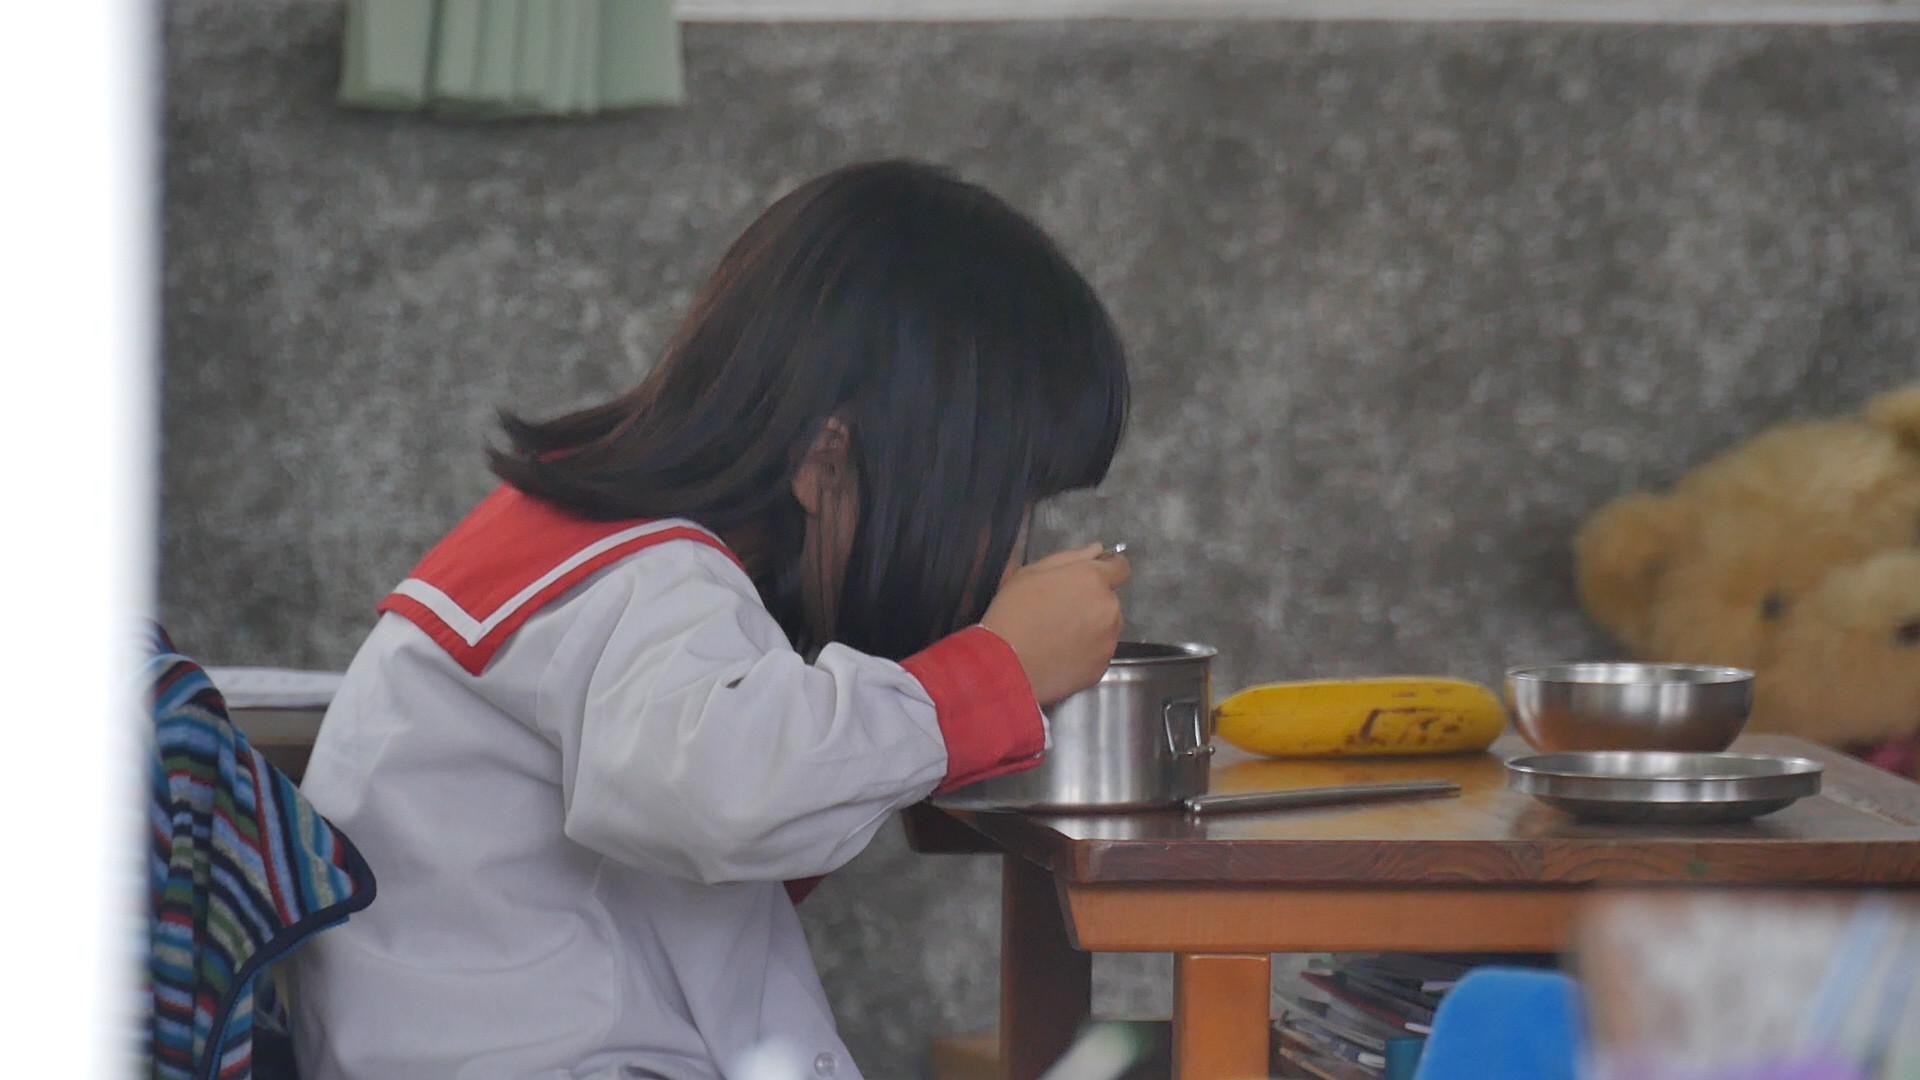 清寒生穿潮鞋、拿iPhone上學!導師拒幫申請午餐補助:留給有需要的人